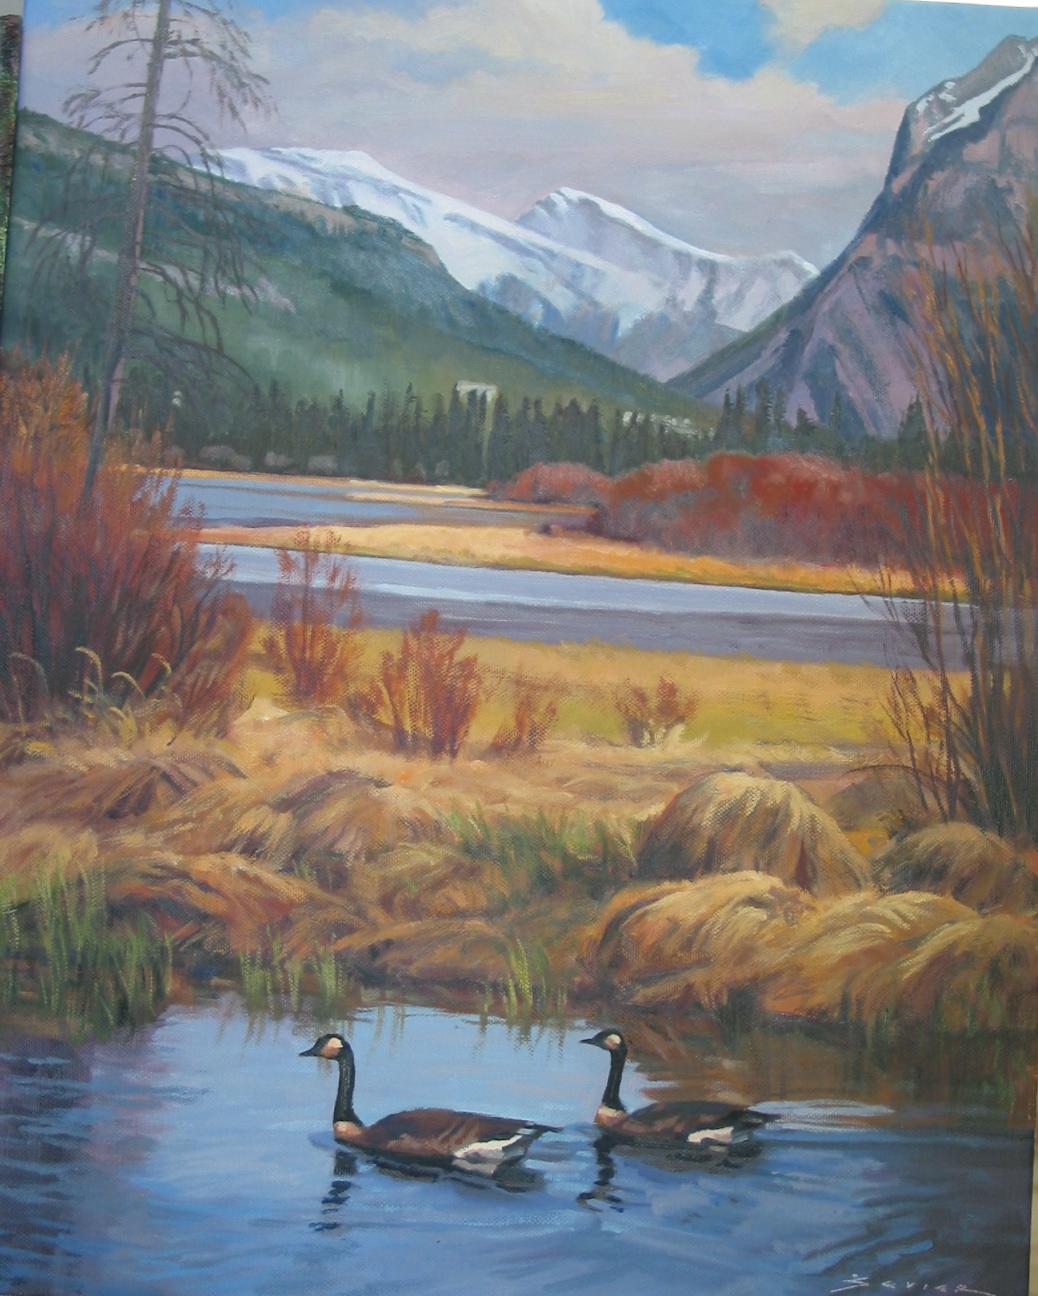 Banff Alberta, 20 x 16, oil